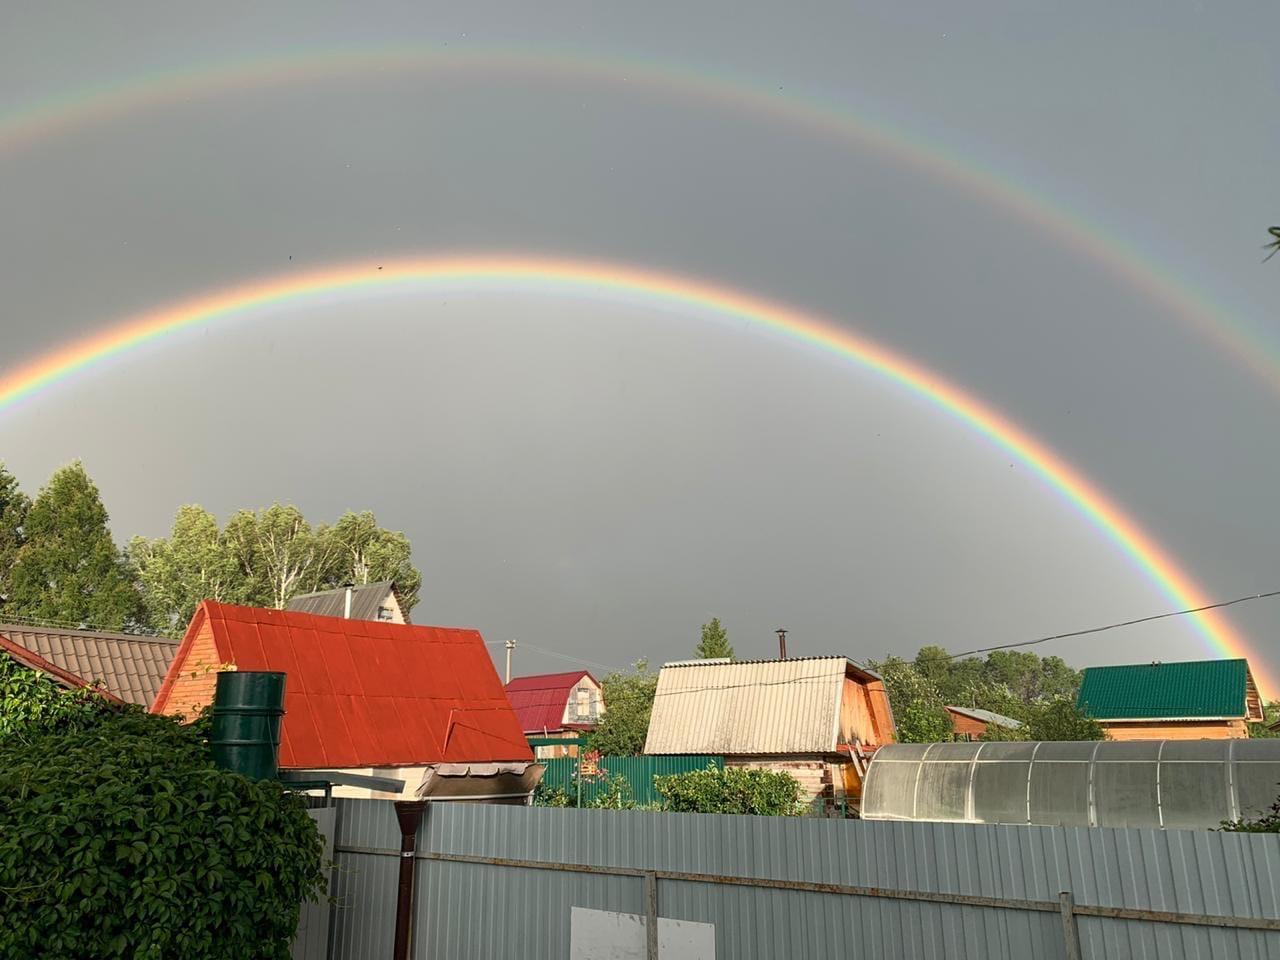 фото В Новосибирске увидели двойную радугу 2